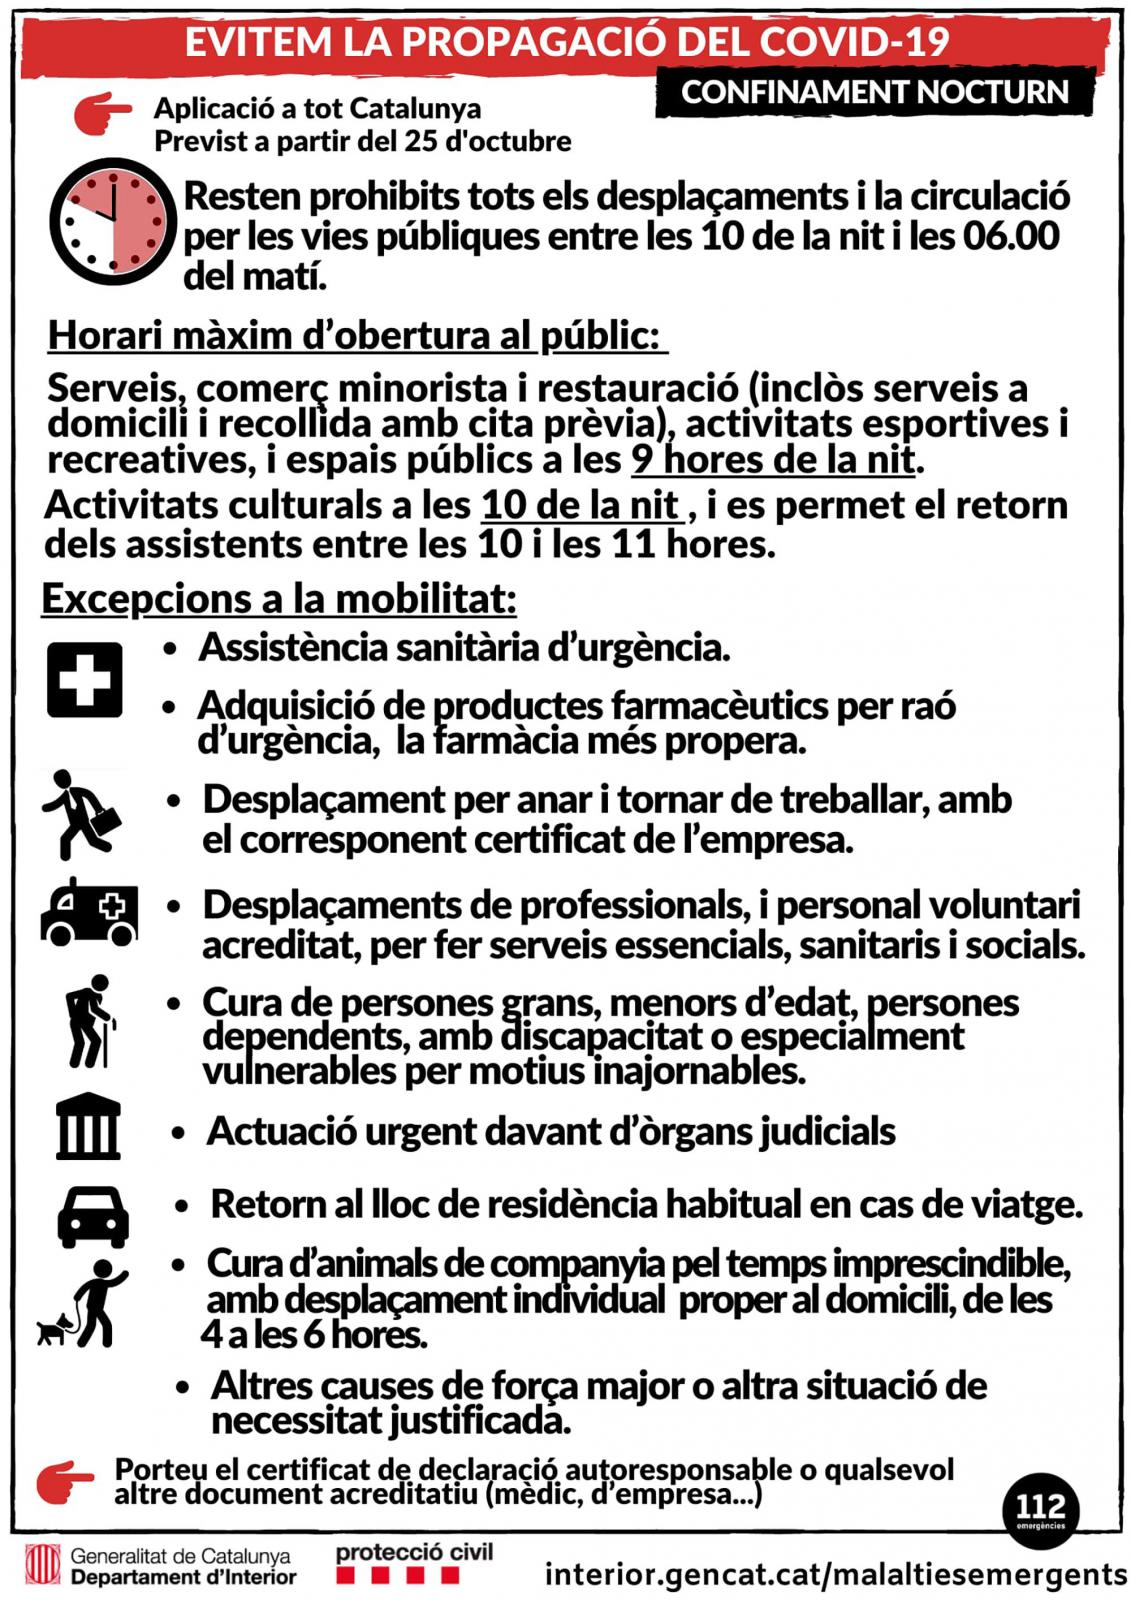 Restriccions a la mobilitat nocturna per la Covid-19